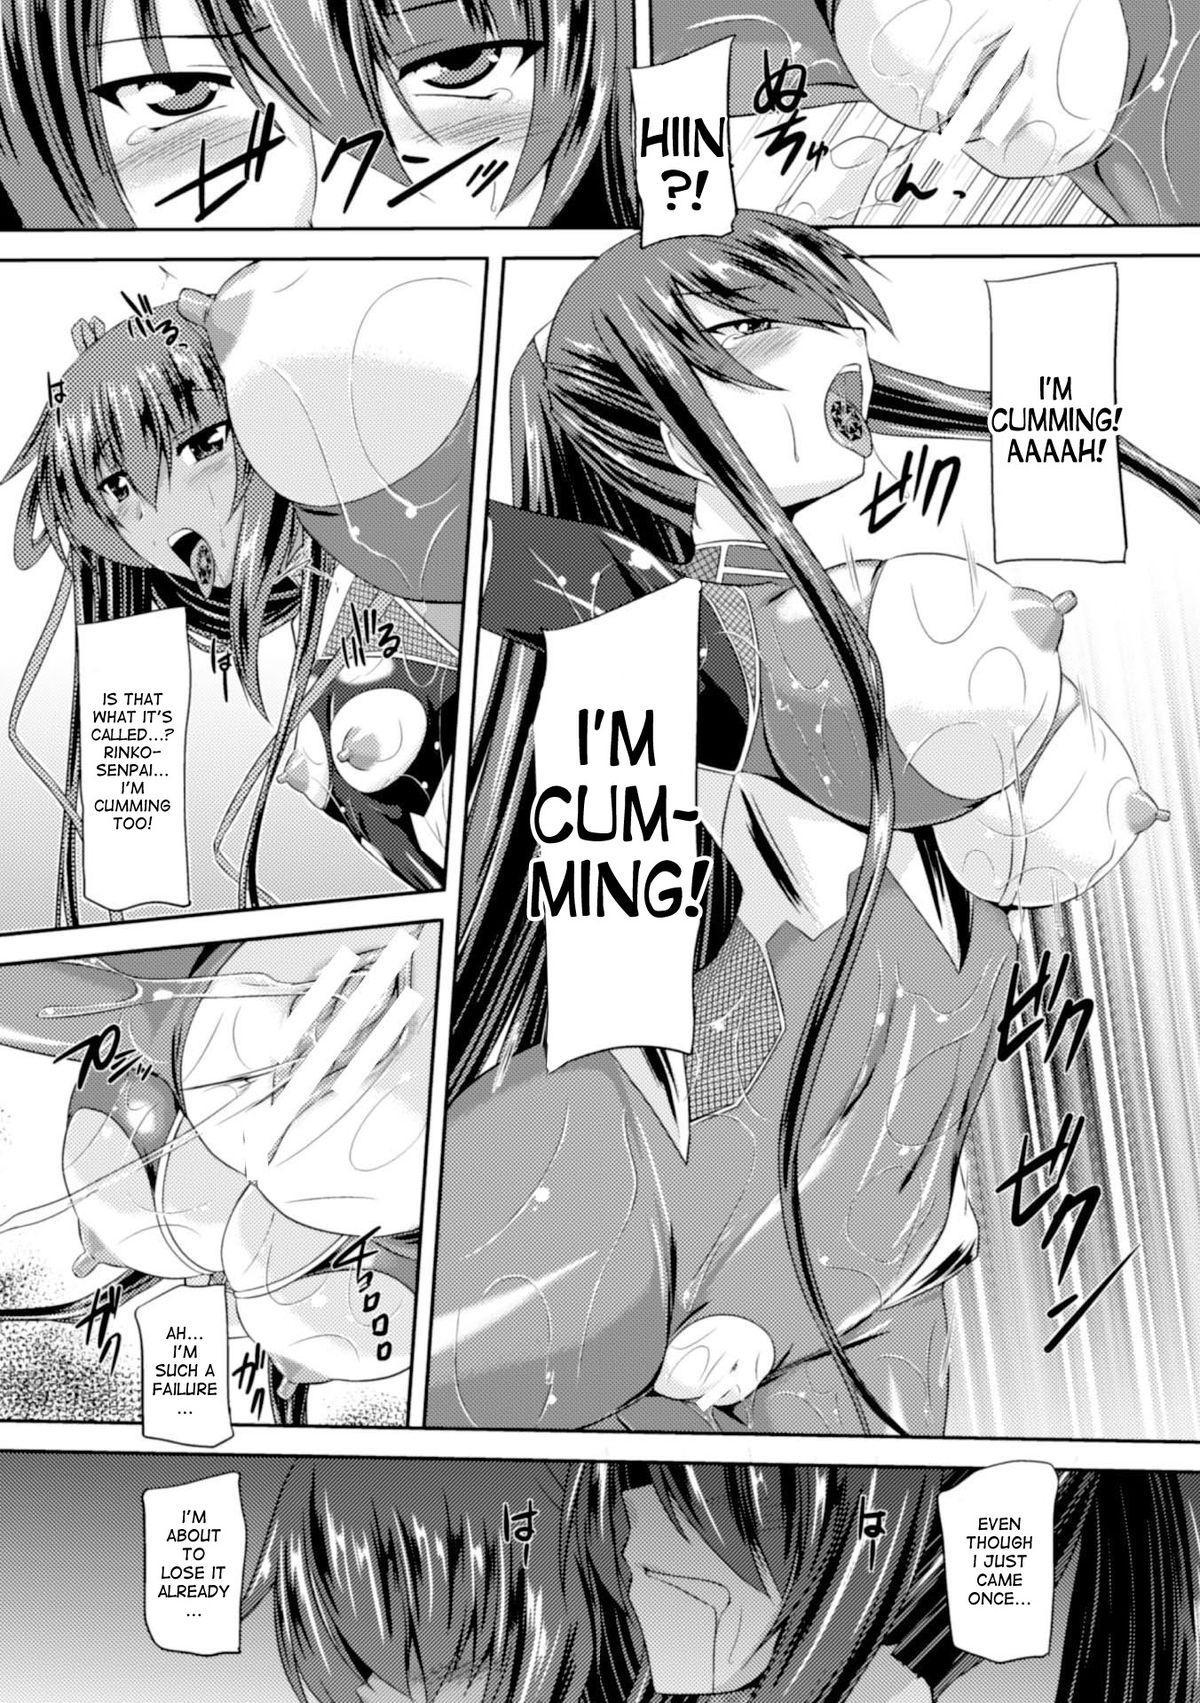 [Gonzaburo-] Taimanin Yukikaze - Taimanin wa Ingoku ni Shizumu #1-6 | Taimanin Yukikaze - Taimanin's fall into the lewd hell #1-5 [English] [desudesu] [Digital] 26